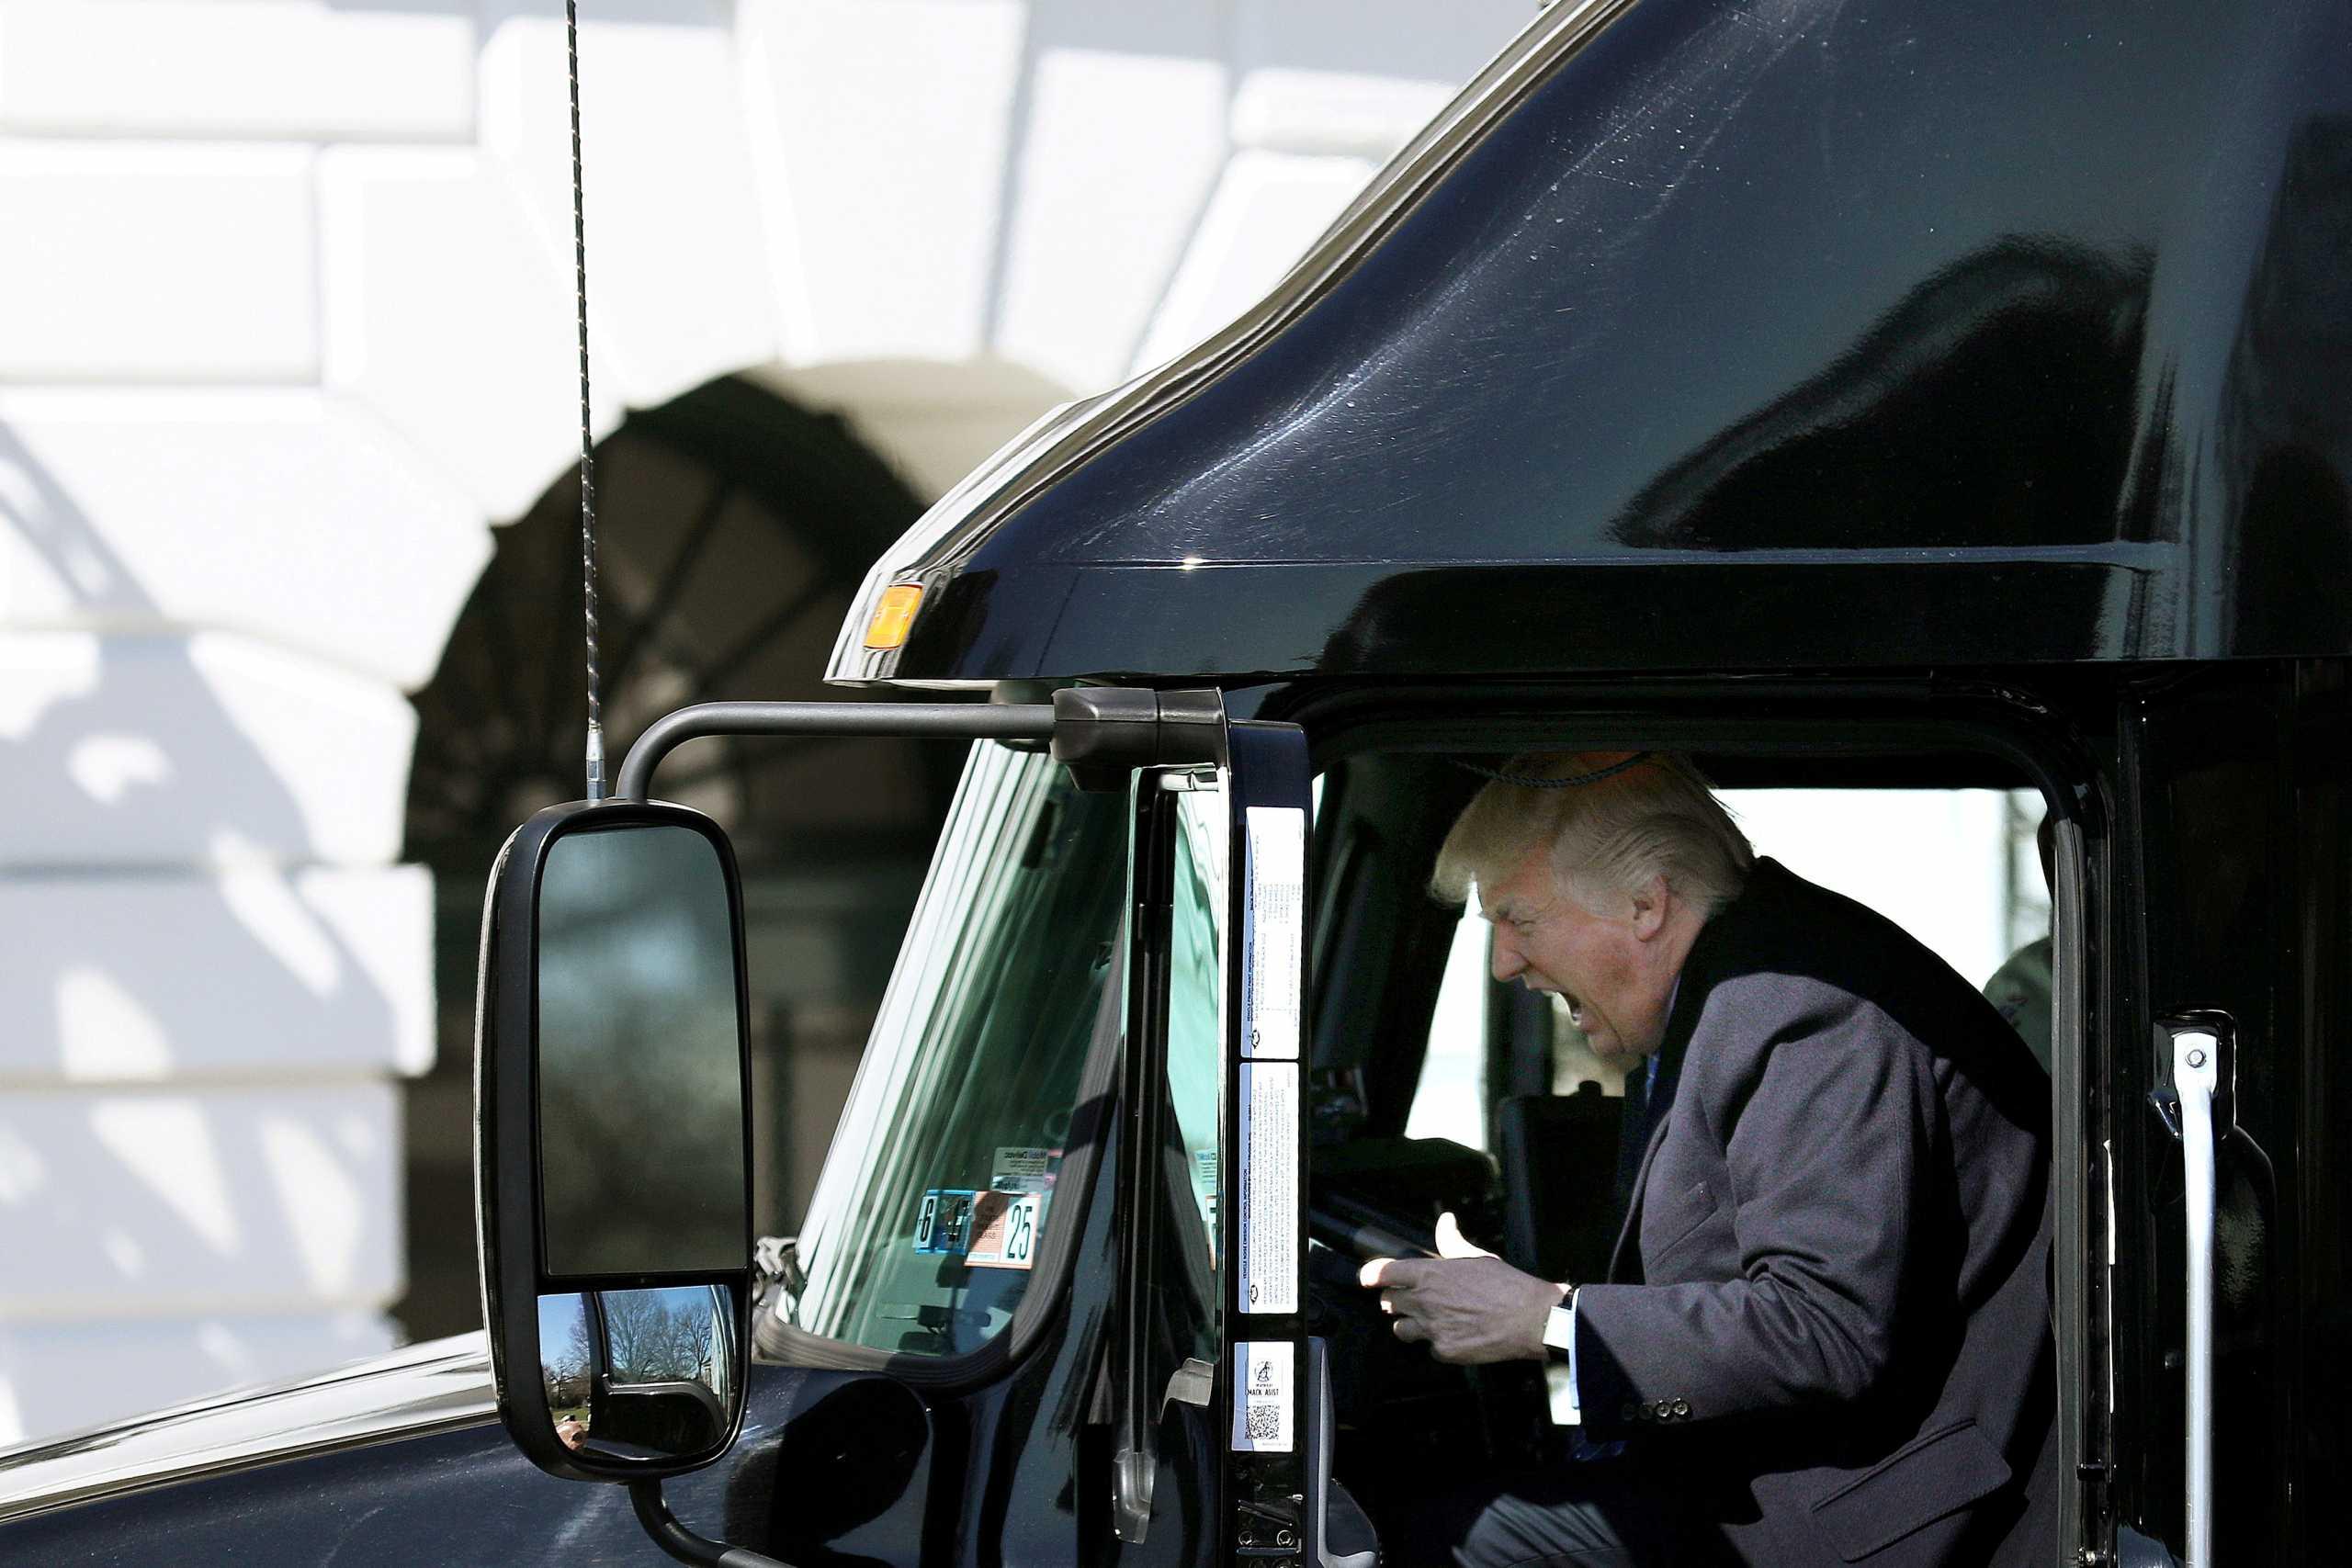 Ο Τραμπ θα φύγει από τον Λευκό Οίκο λίγο πριν… μπει ο Μπάιντεν